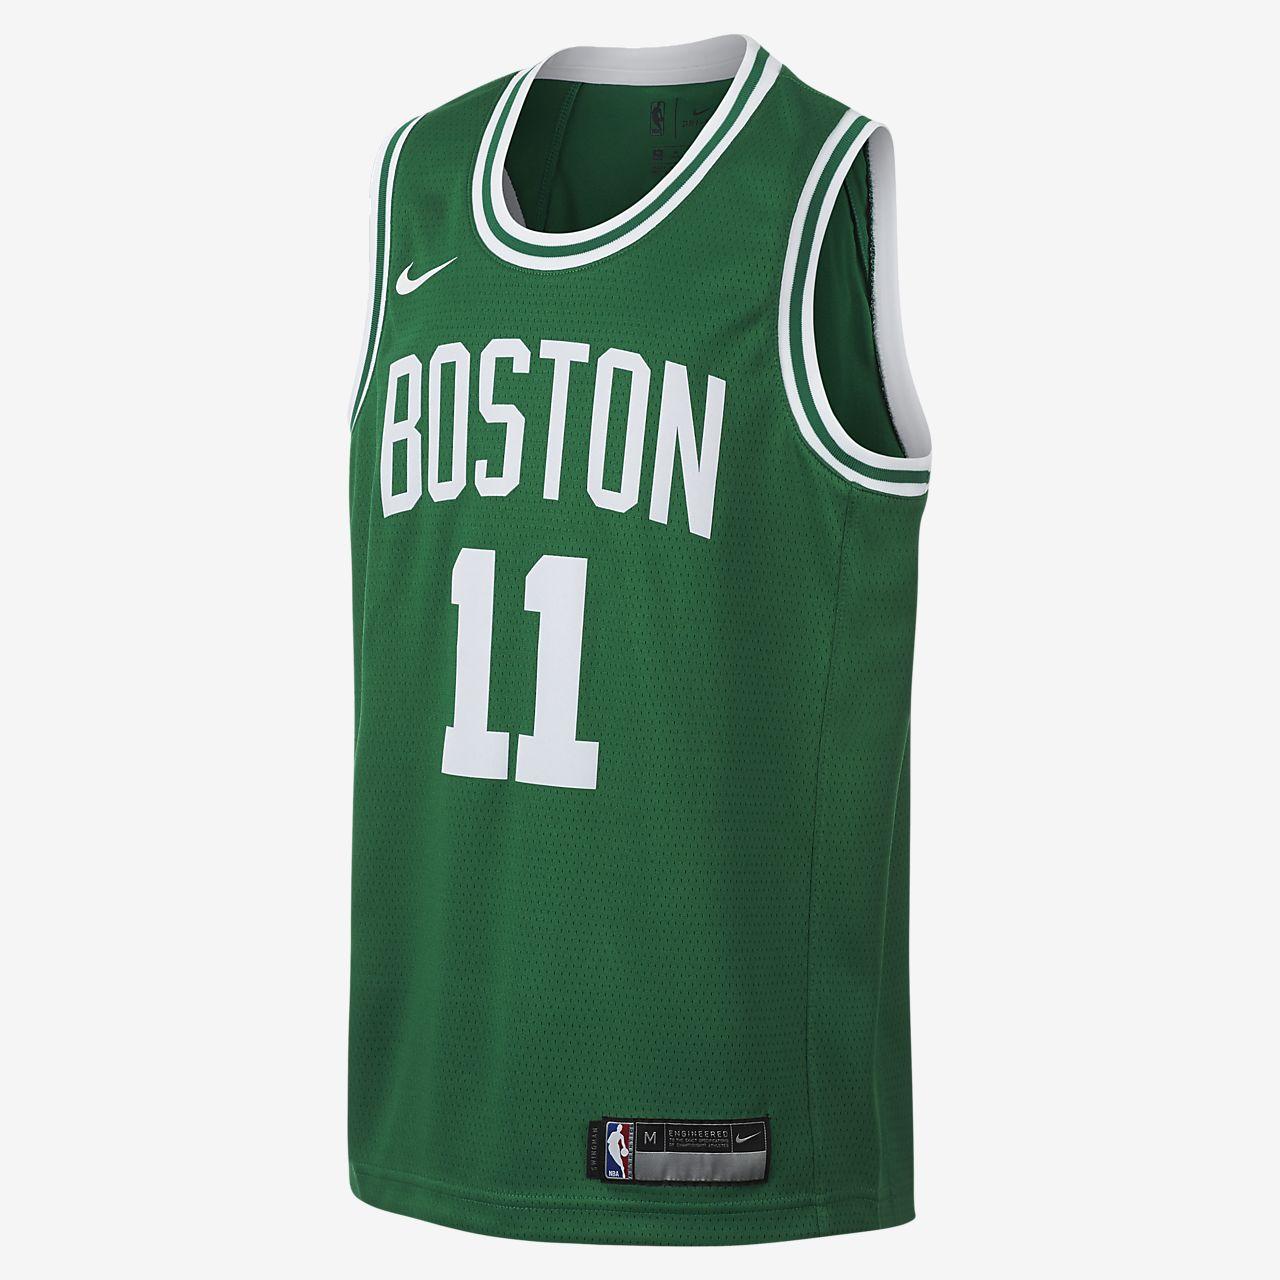 Koszulka NBA dla dużych dzieci Kyrie Irving Boston Celtics Nike Icon Edition Swingman